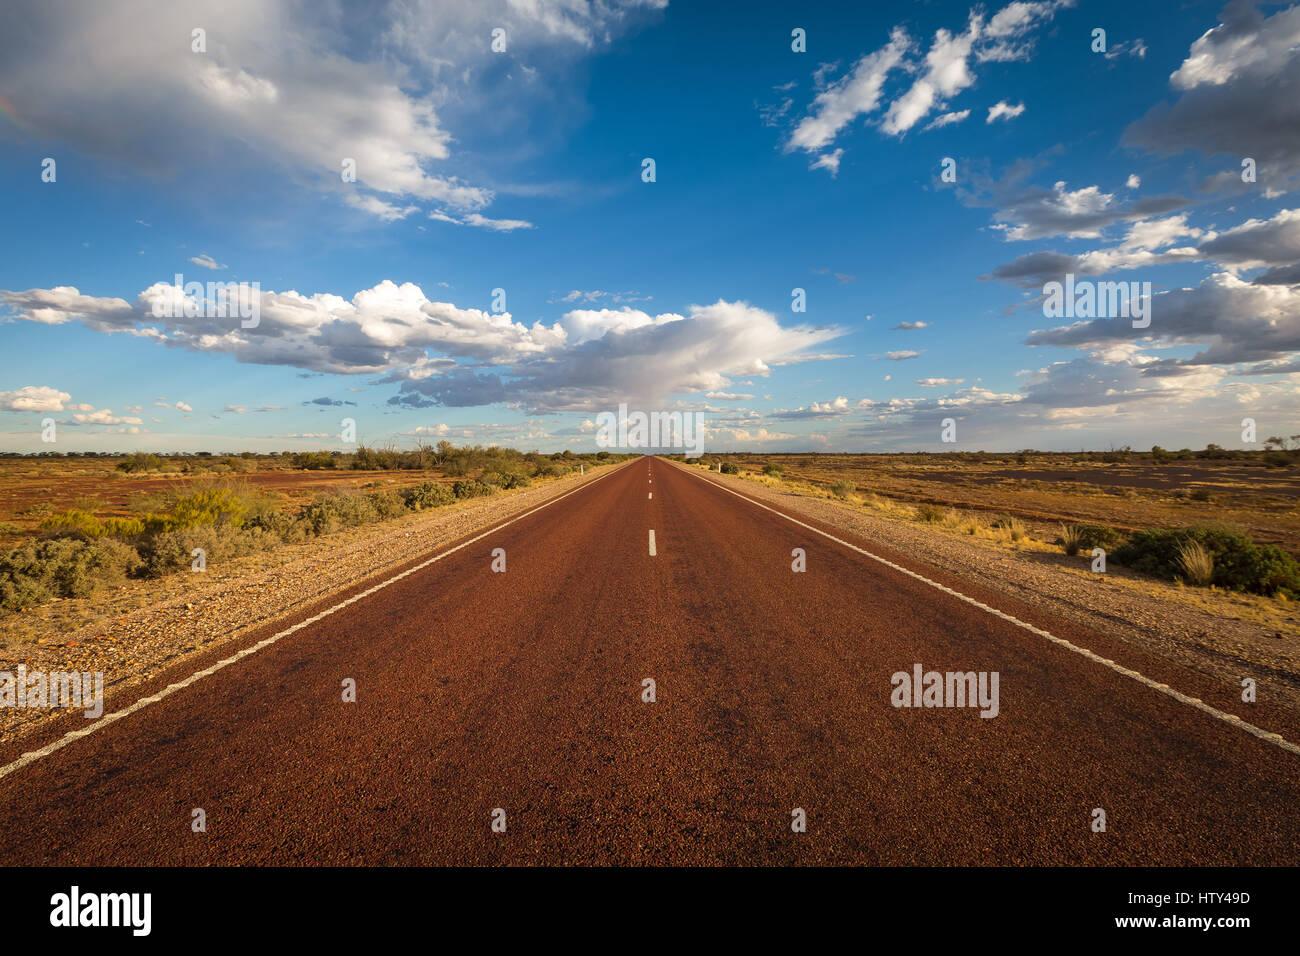 Route de l'Outback - Australie Photo Stock